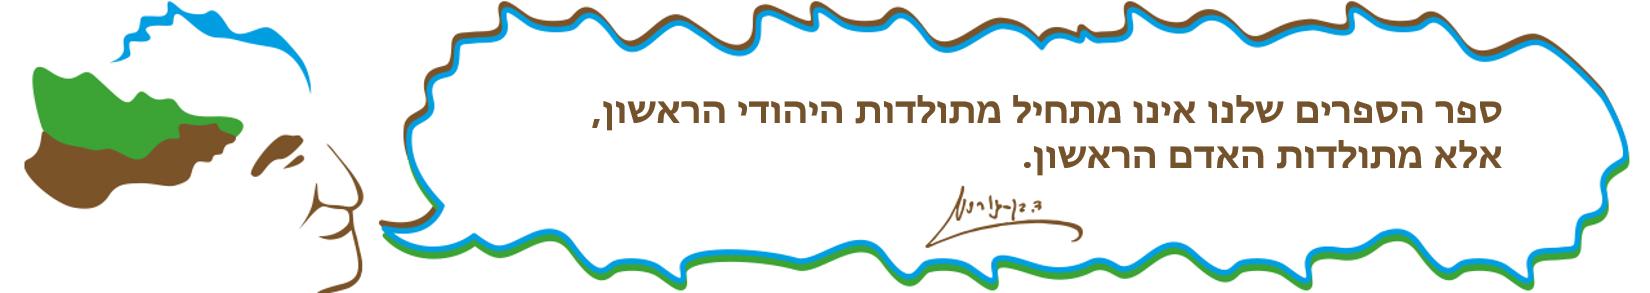 ספר הספרים שלנו אינו מתחיל מתולדות היהודי הראשון, אלא מתולדות האדם הראשון.